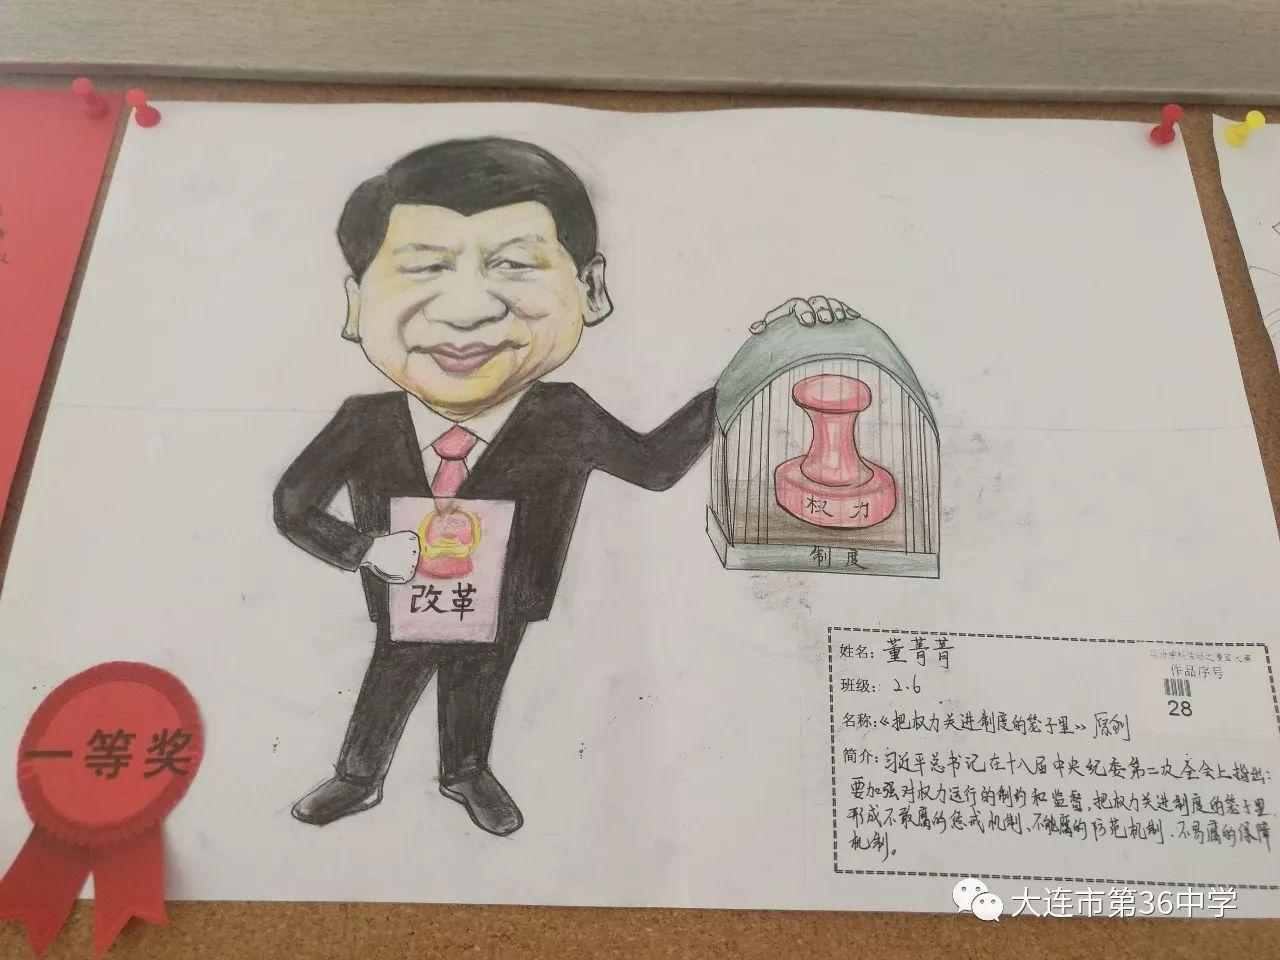 喜迎十九大 共筑中国梦 ——第二届时政漫画大赛圆满结束